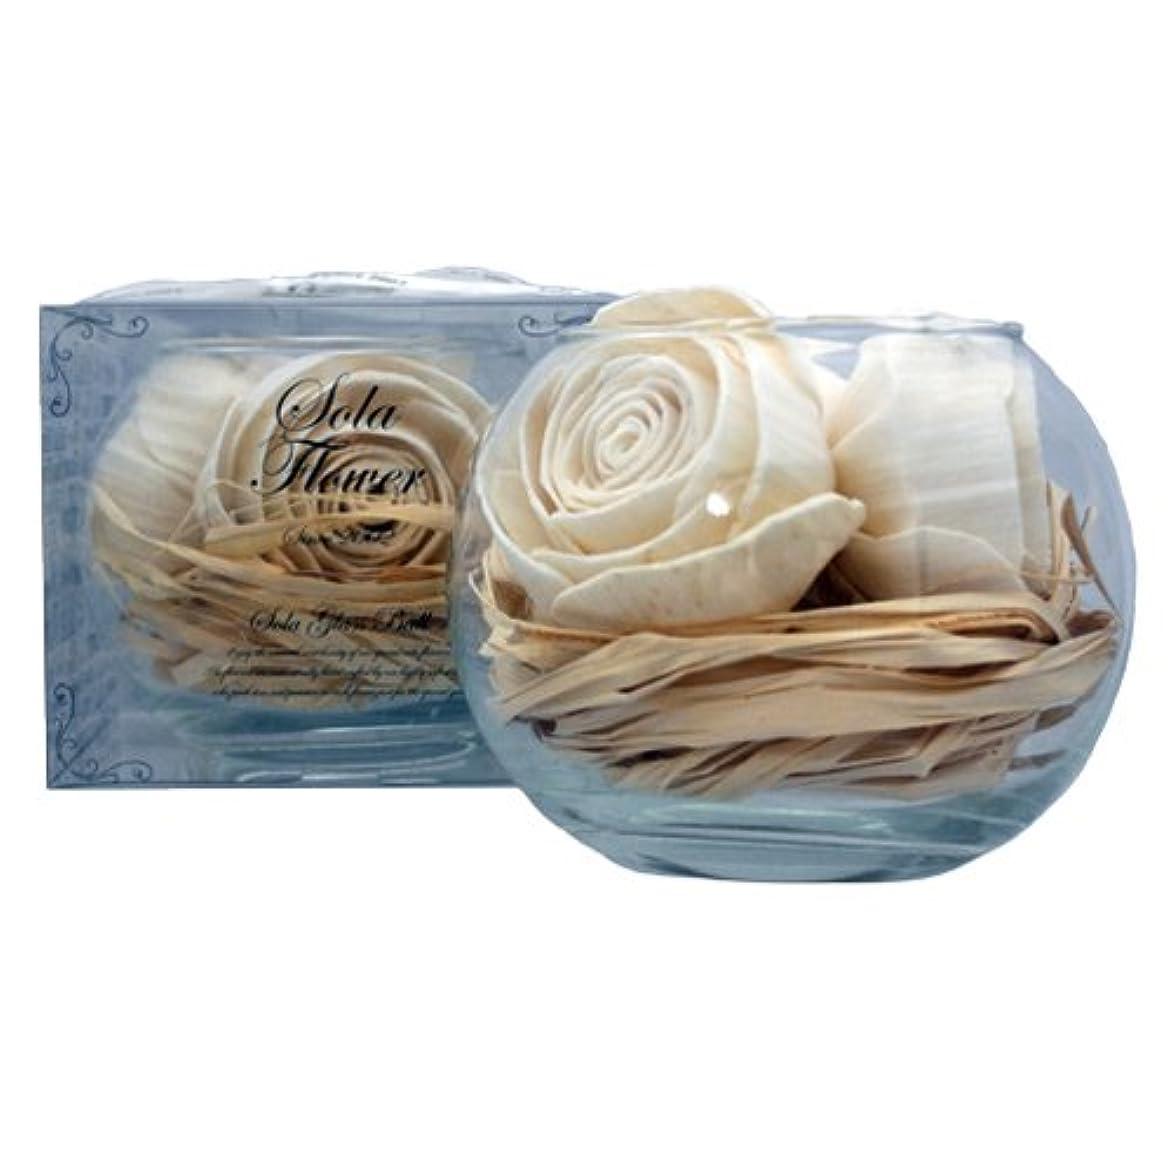 ティーム海港大理石new Sola Flower ソラフラワー グラスボウル Original Rose オリジナルローズ Glass Bowl